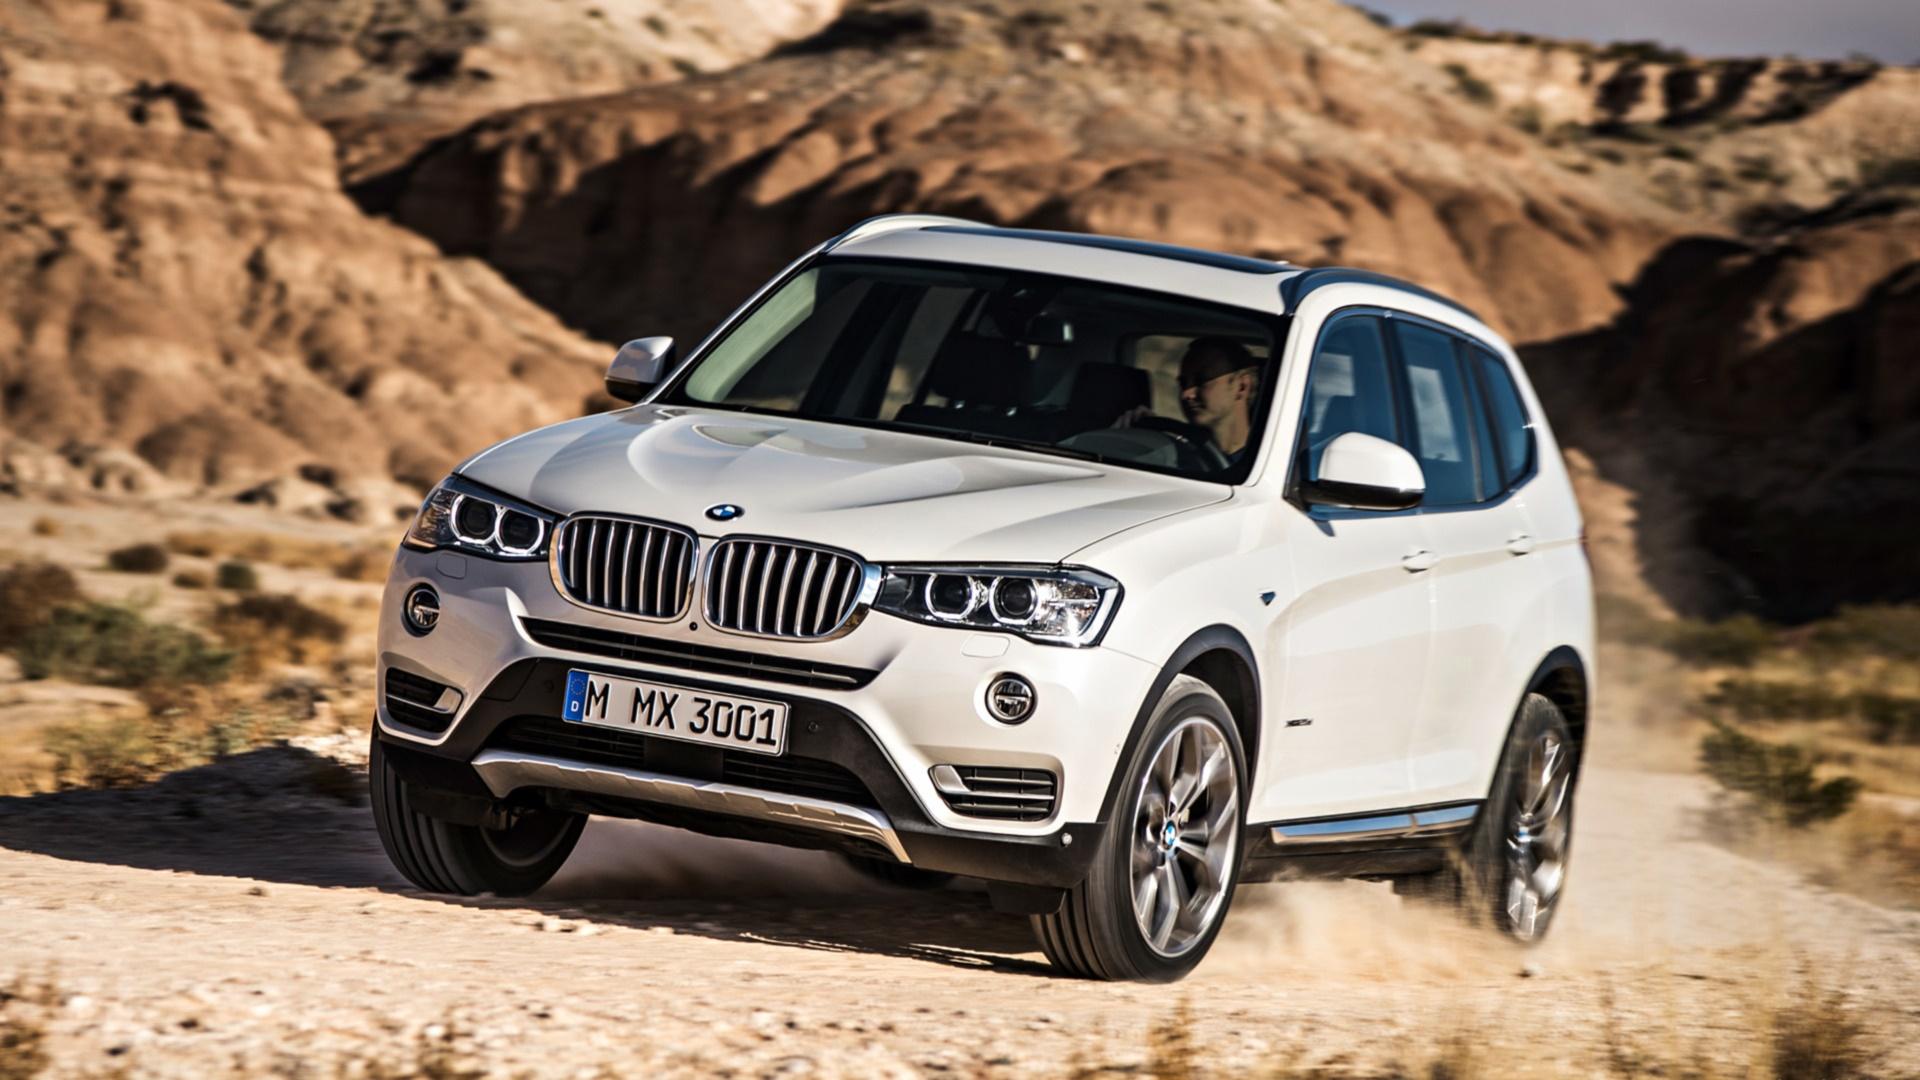 Wallpaper Abyss Erkunden Sie die Sammlung BMW Fahrzeuge 2015 BMW X3